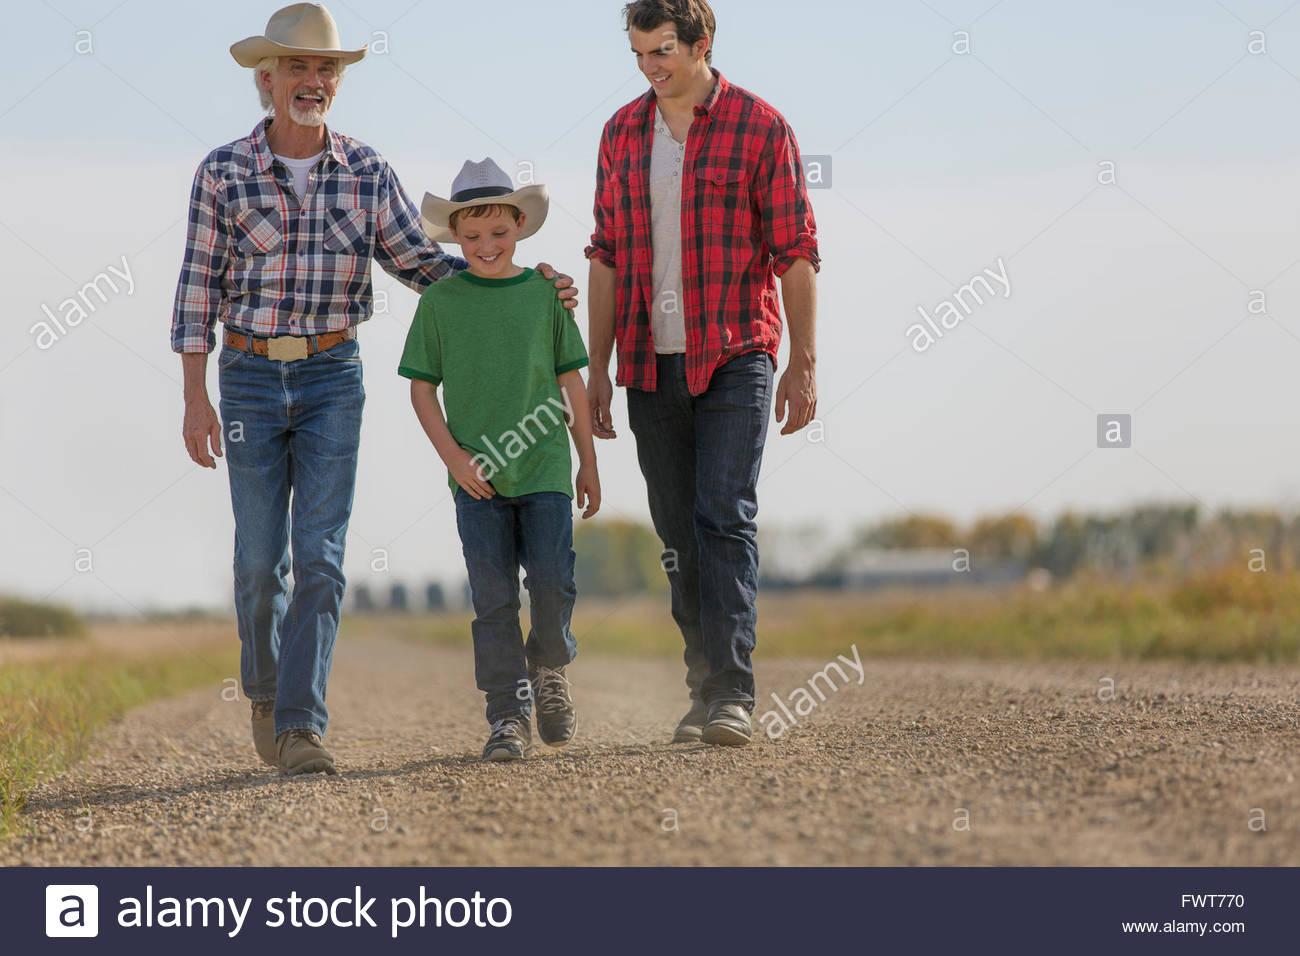 Trois générations d'hommes marchant sur la route rurale. Photo Stock